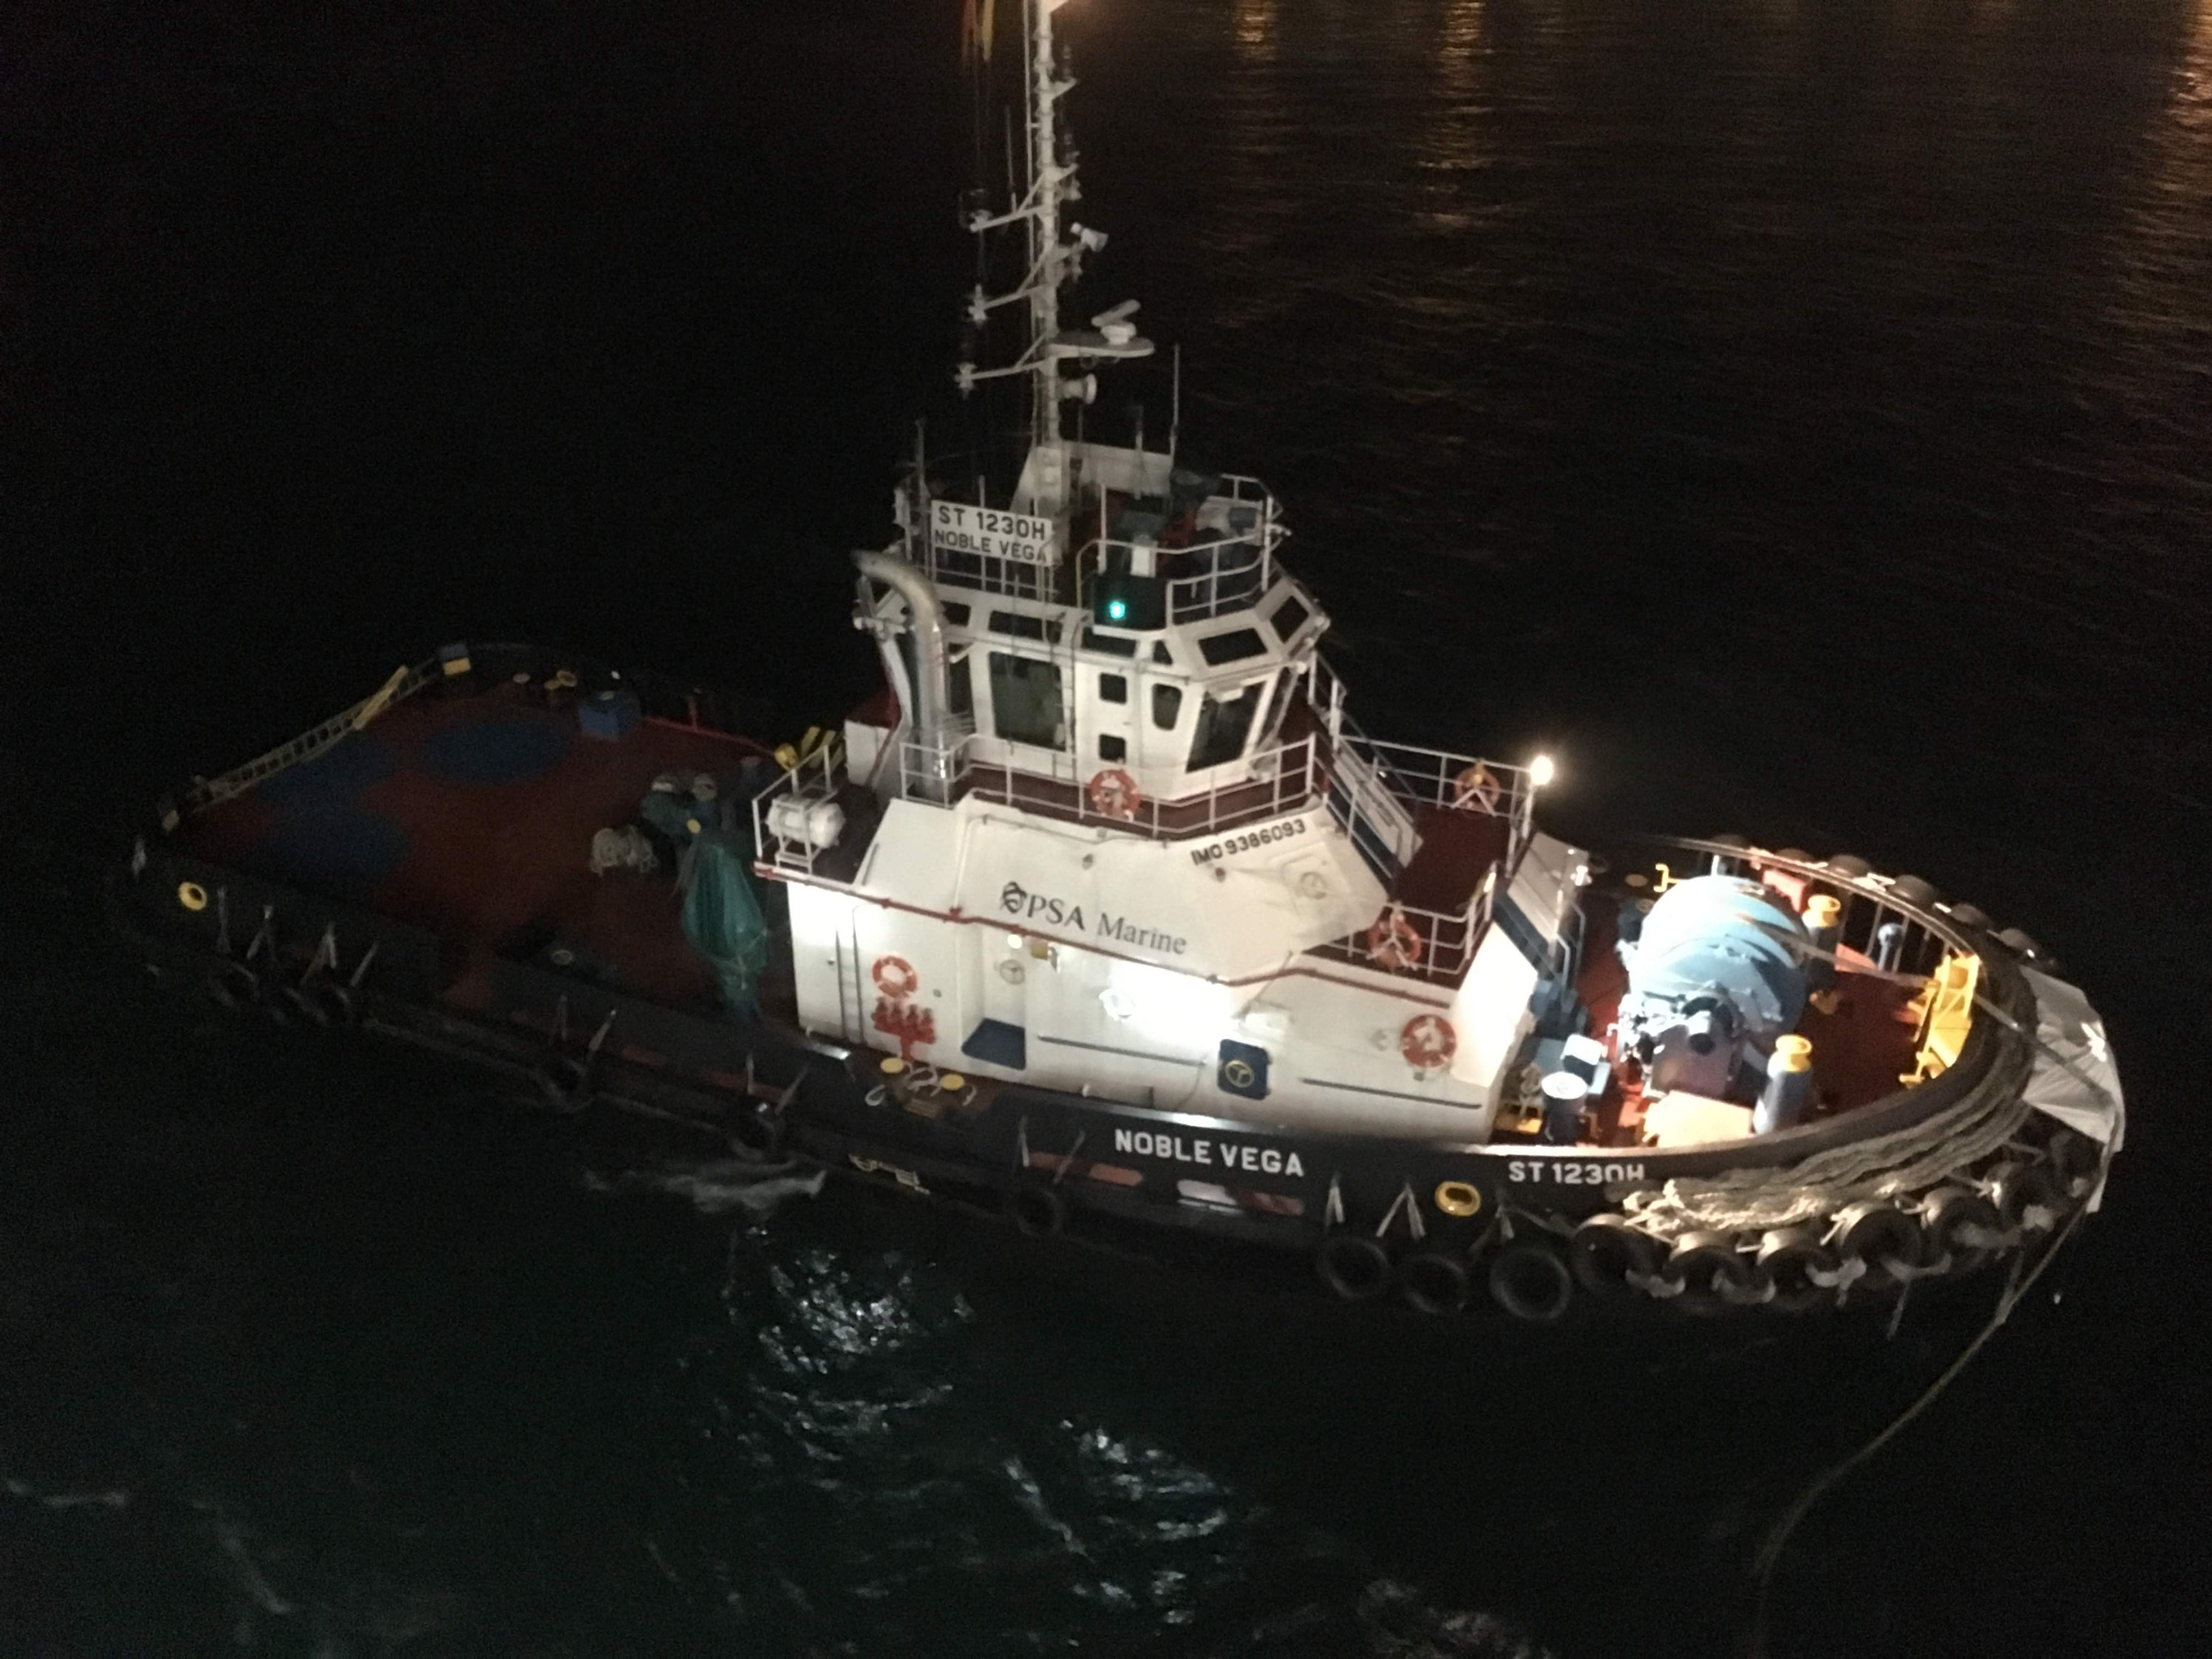 夜明け前 船尾についたタグボート